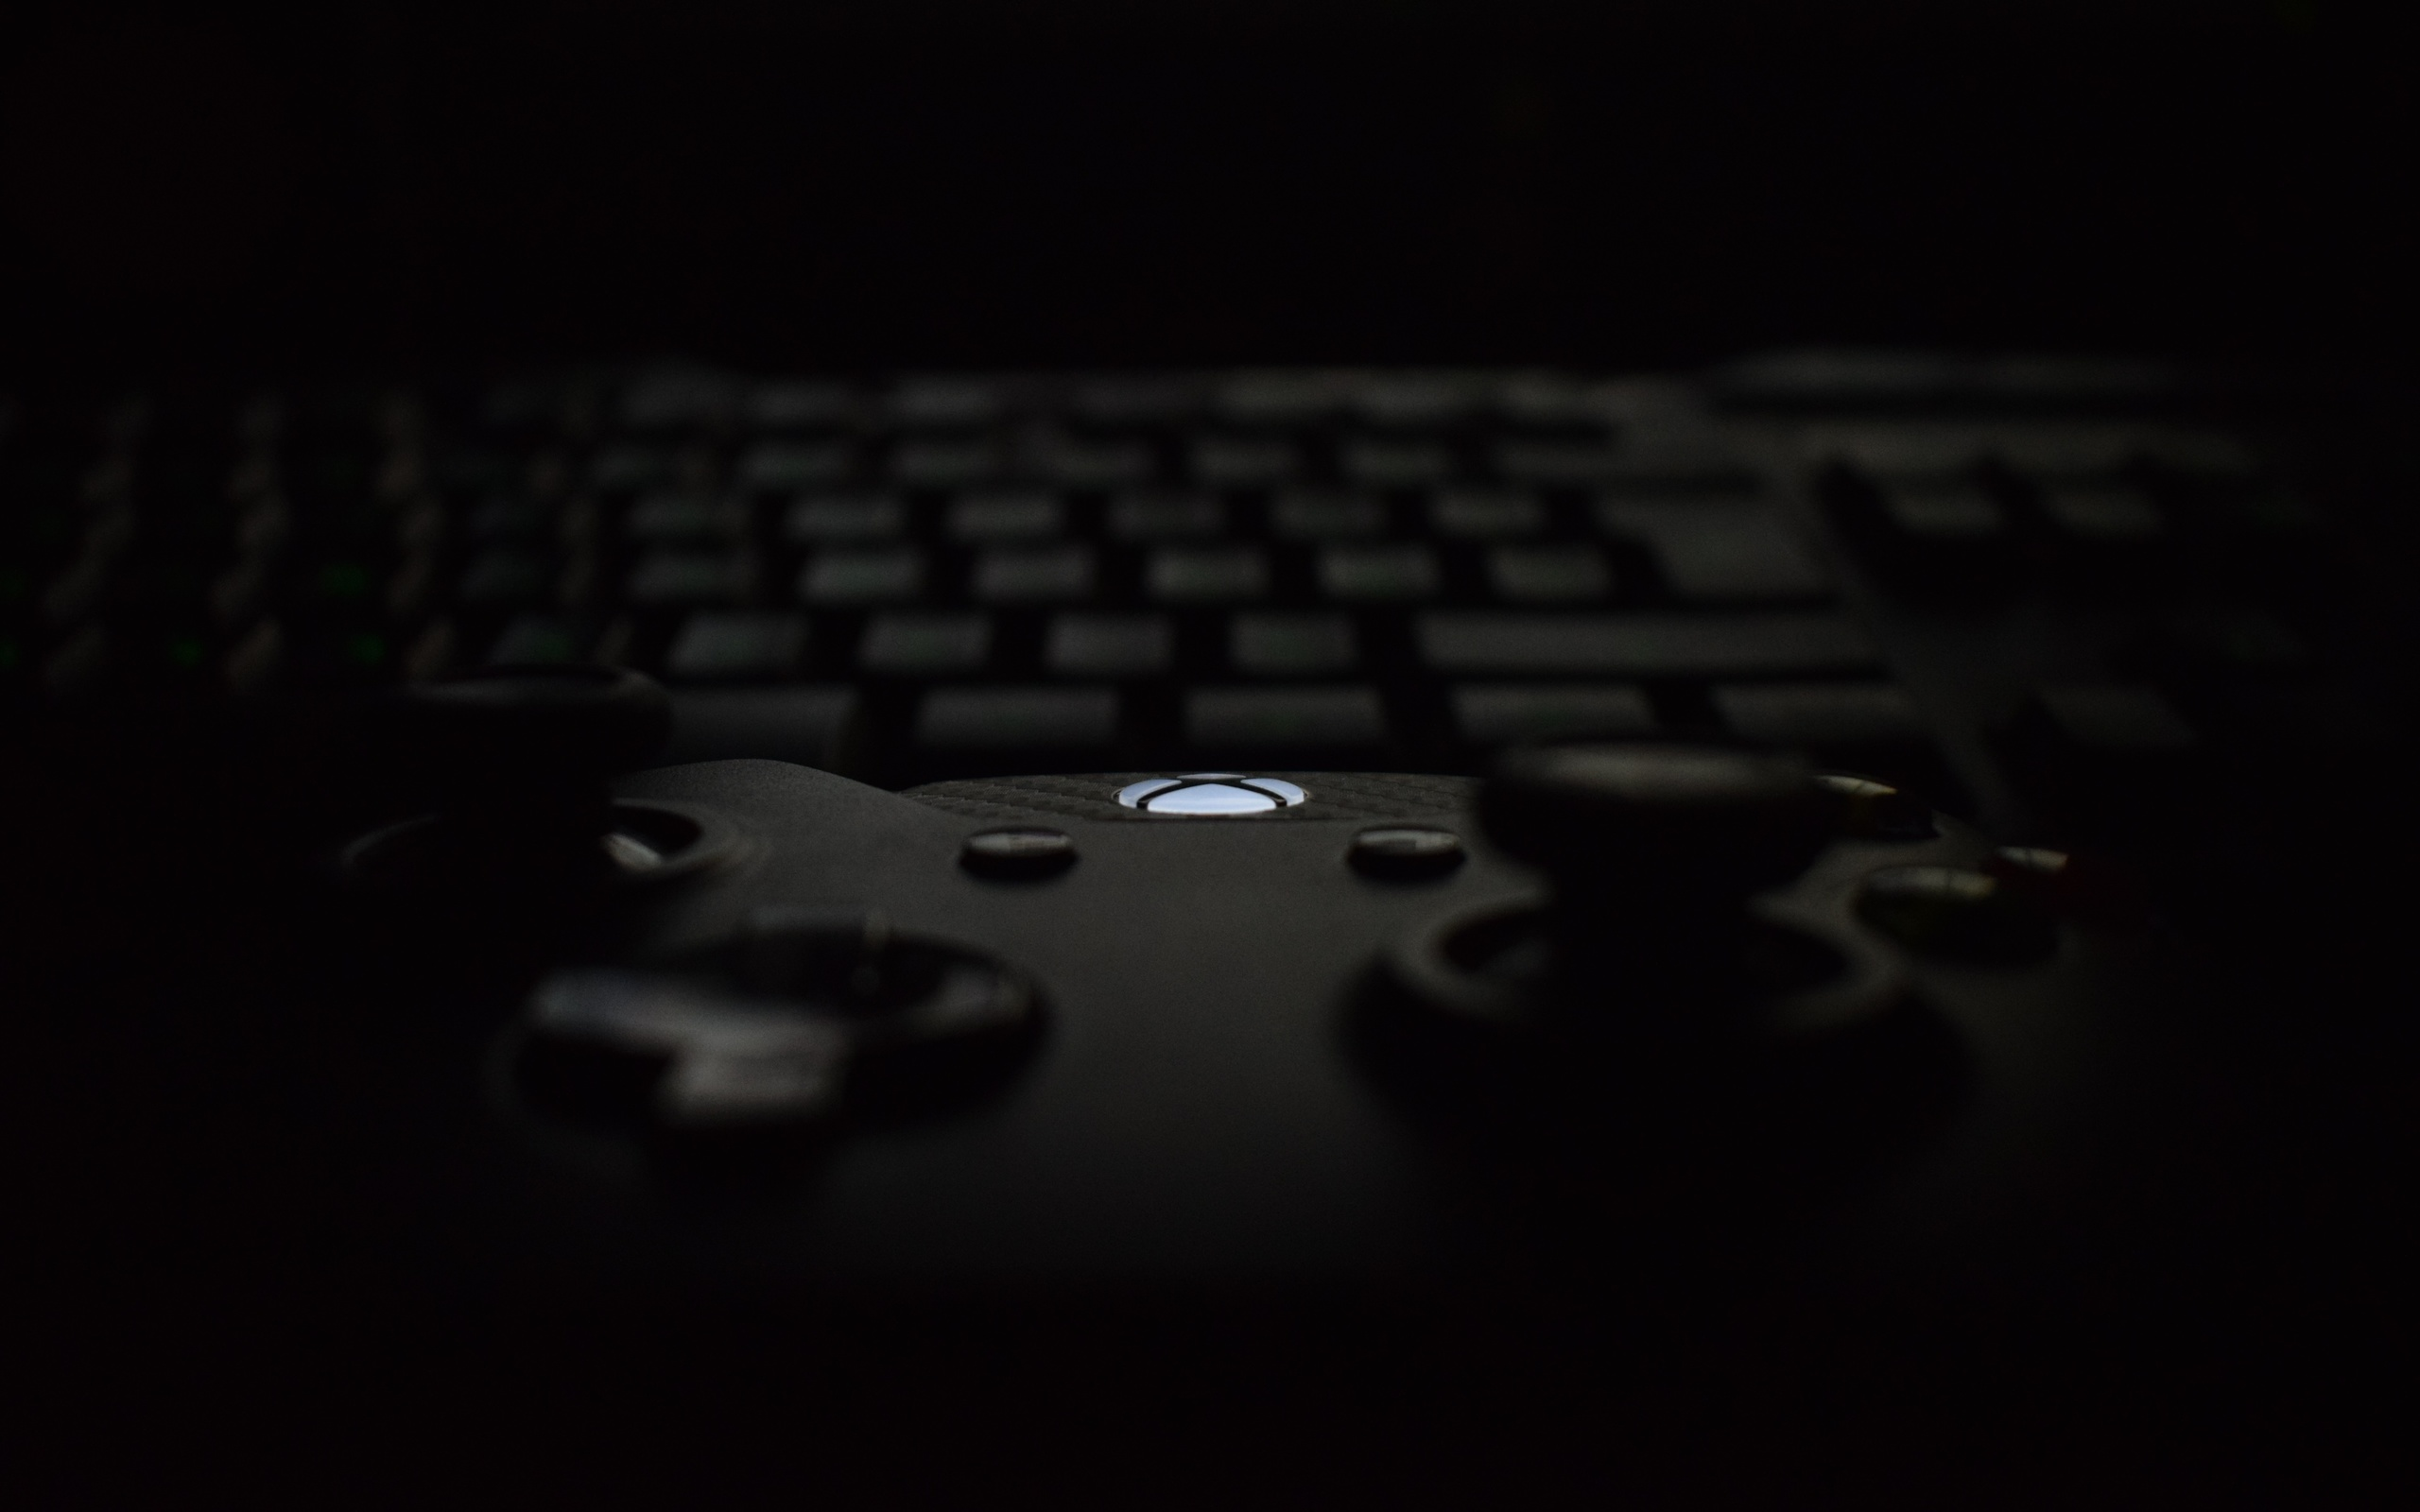 клавиатура, геймпад